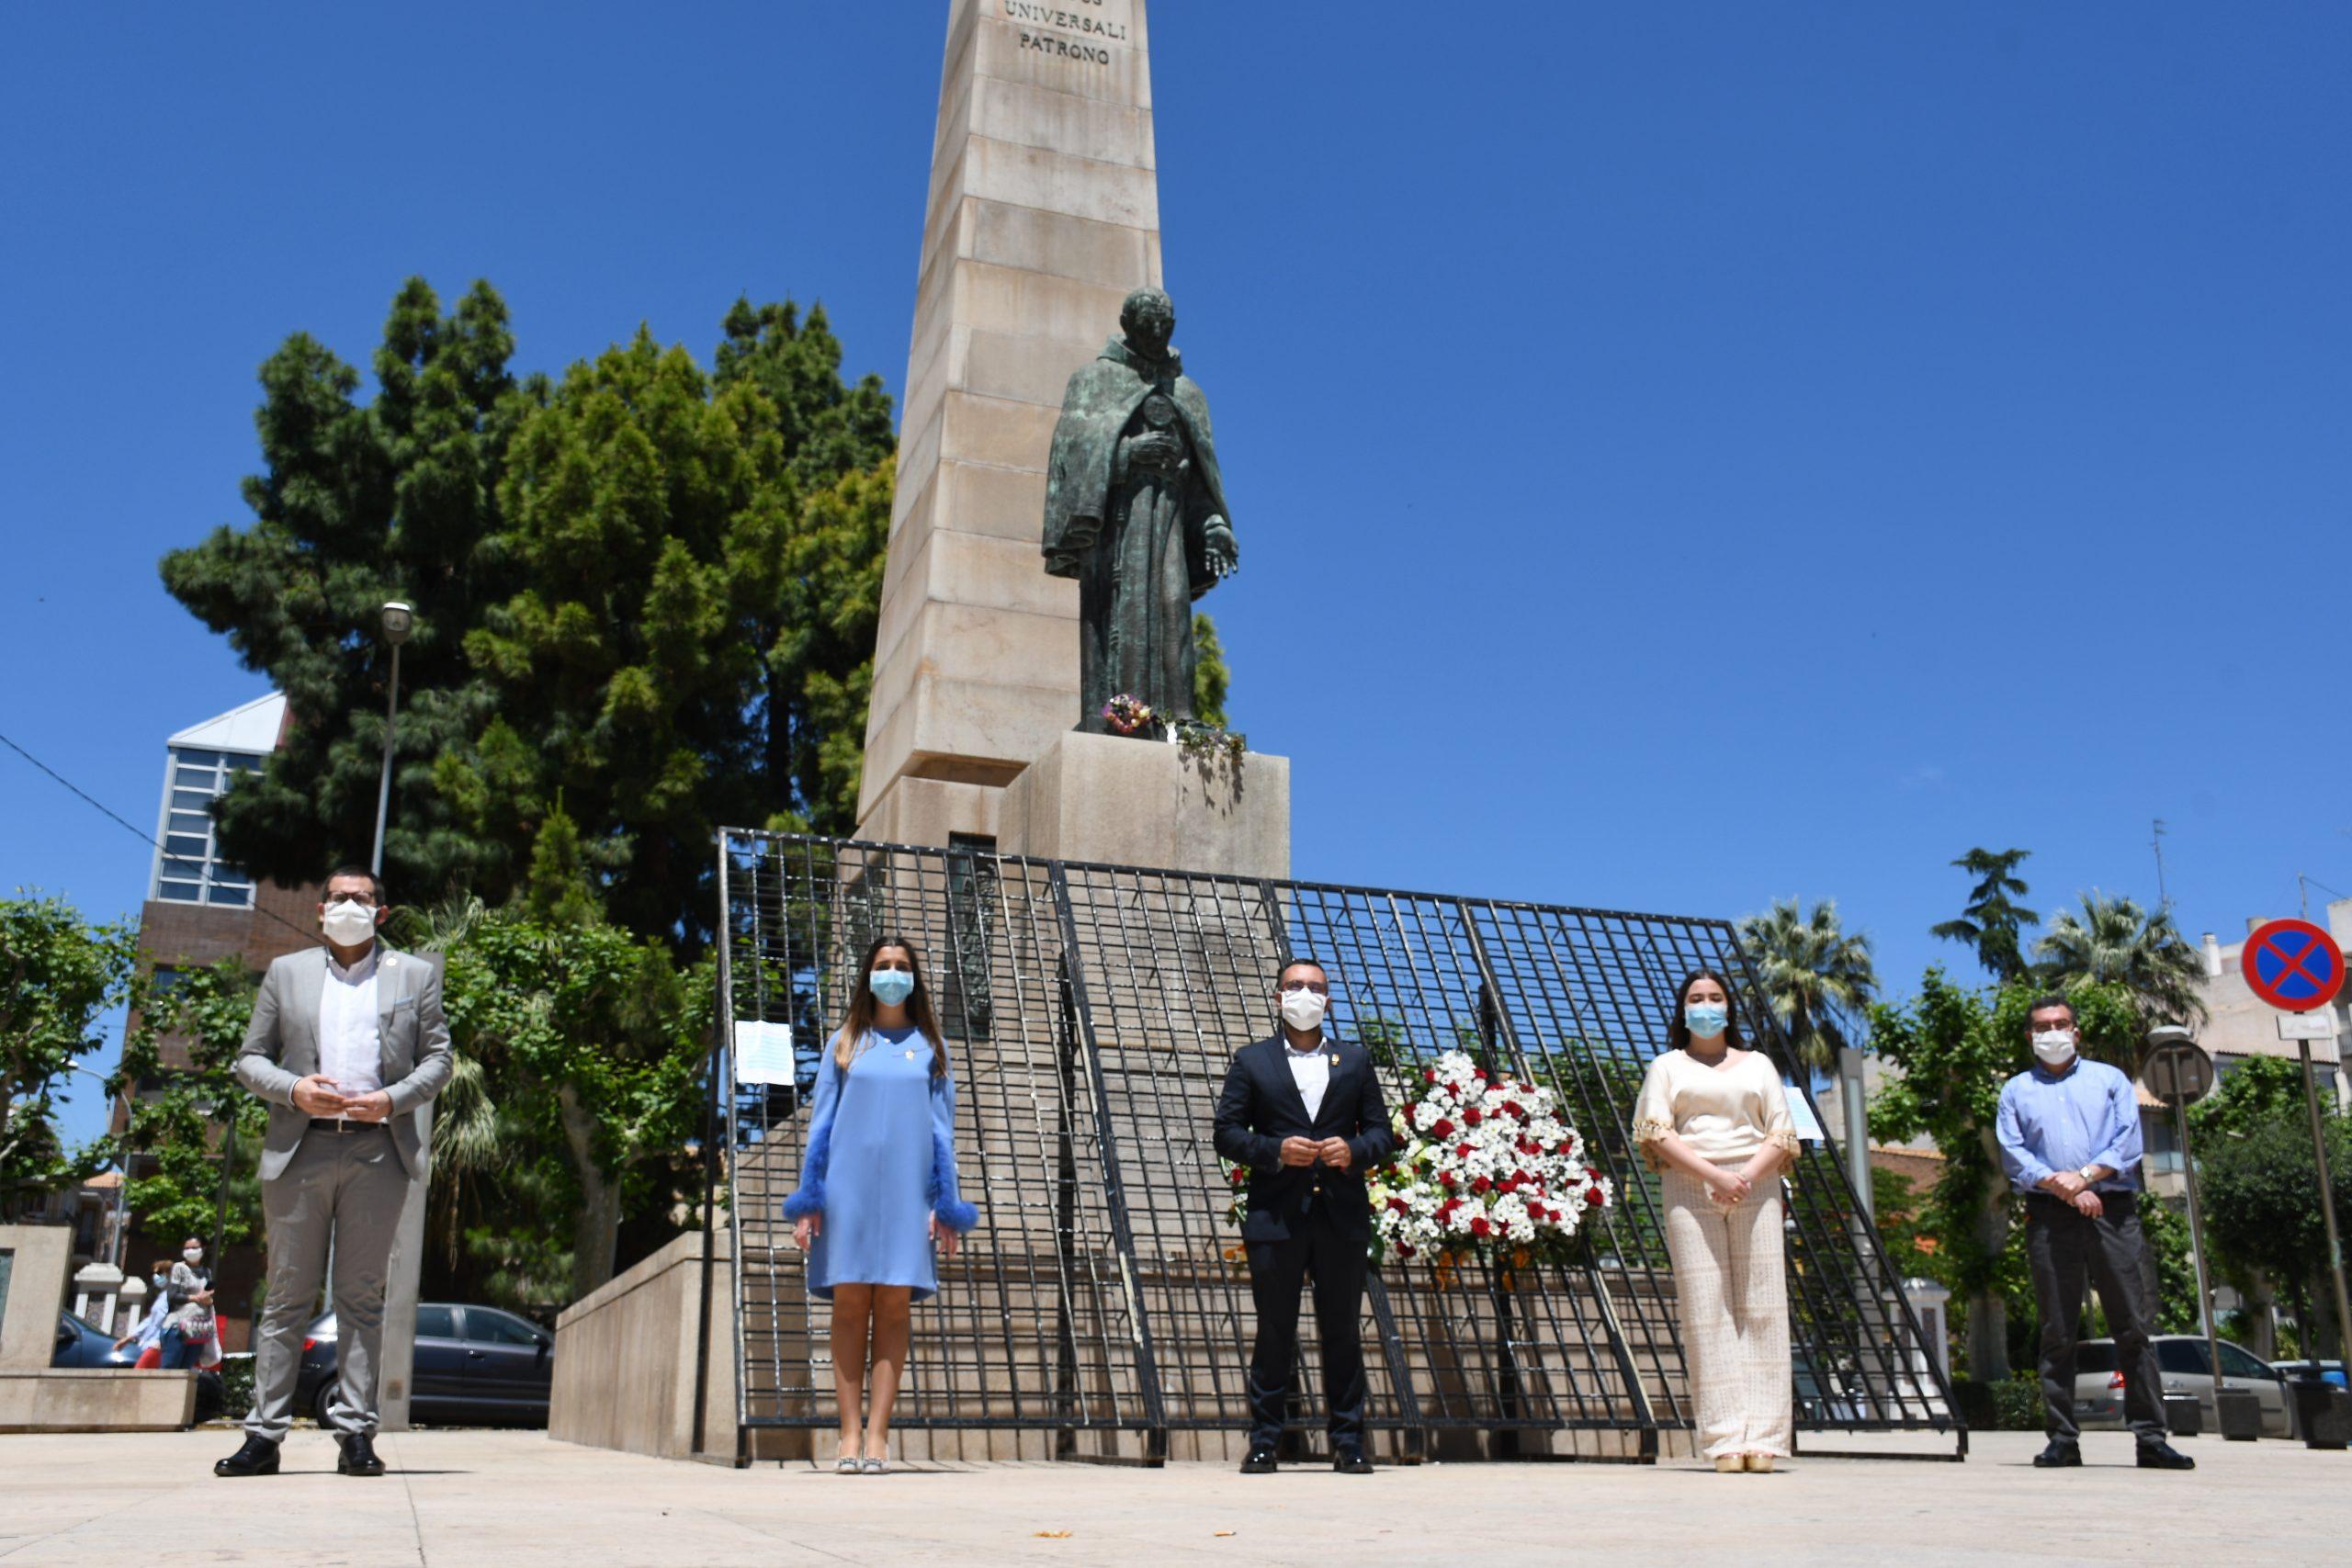 Vila-real habilita la estructura de la ofrenda a San Pascual para facilitar las muestras espontáneas de homenaje floral al patrón